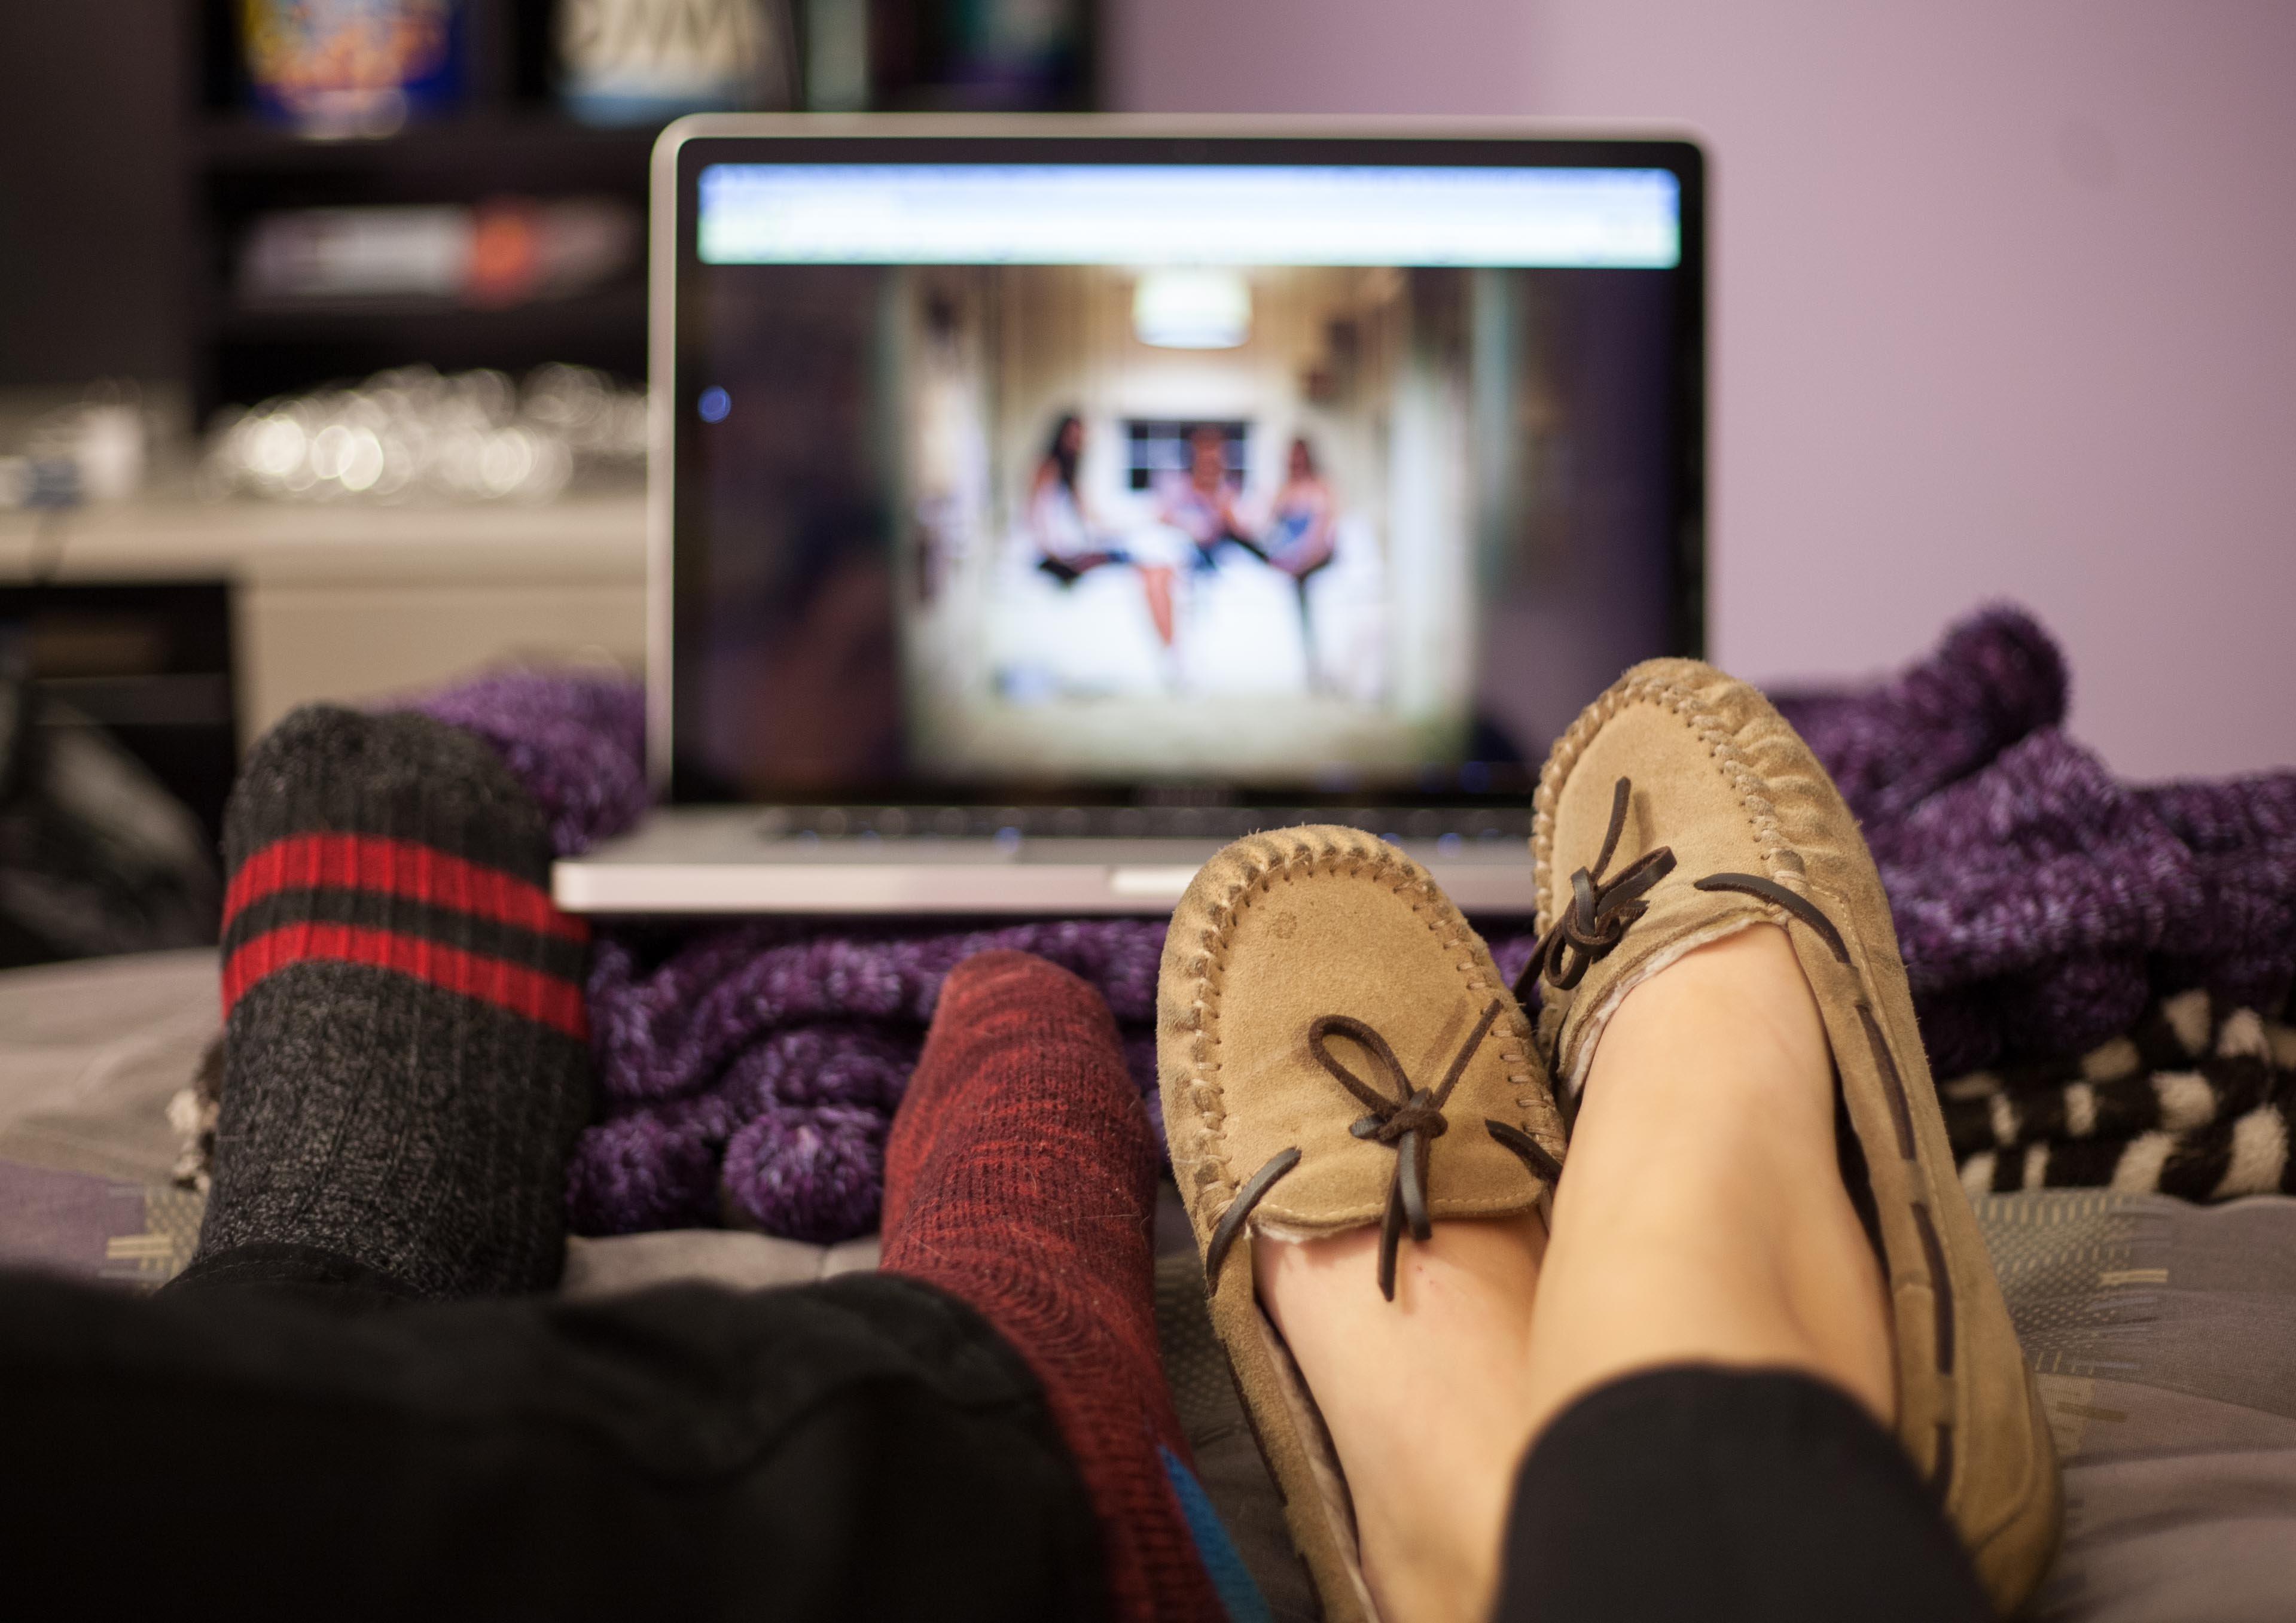 недорогого практичного картинка ноги и телевизор безопасный удобный способ